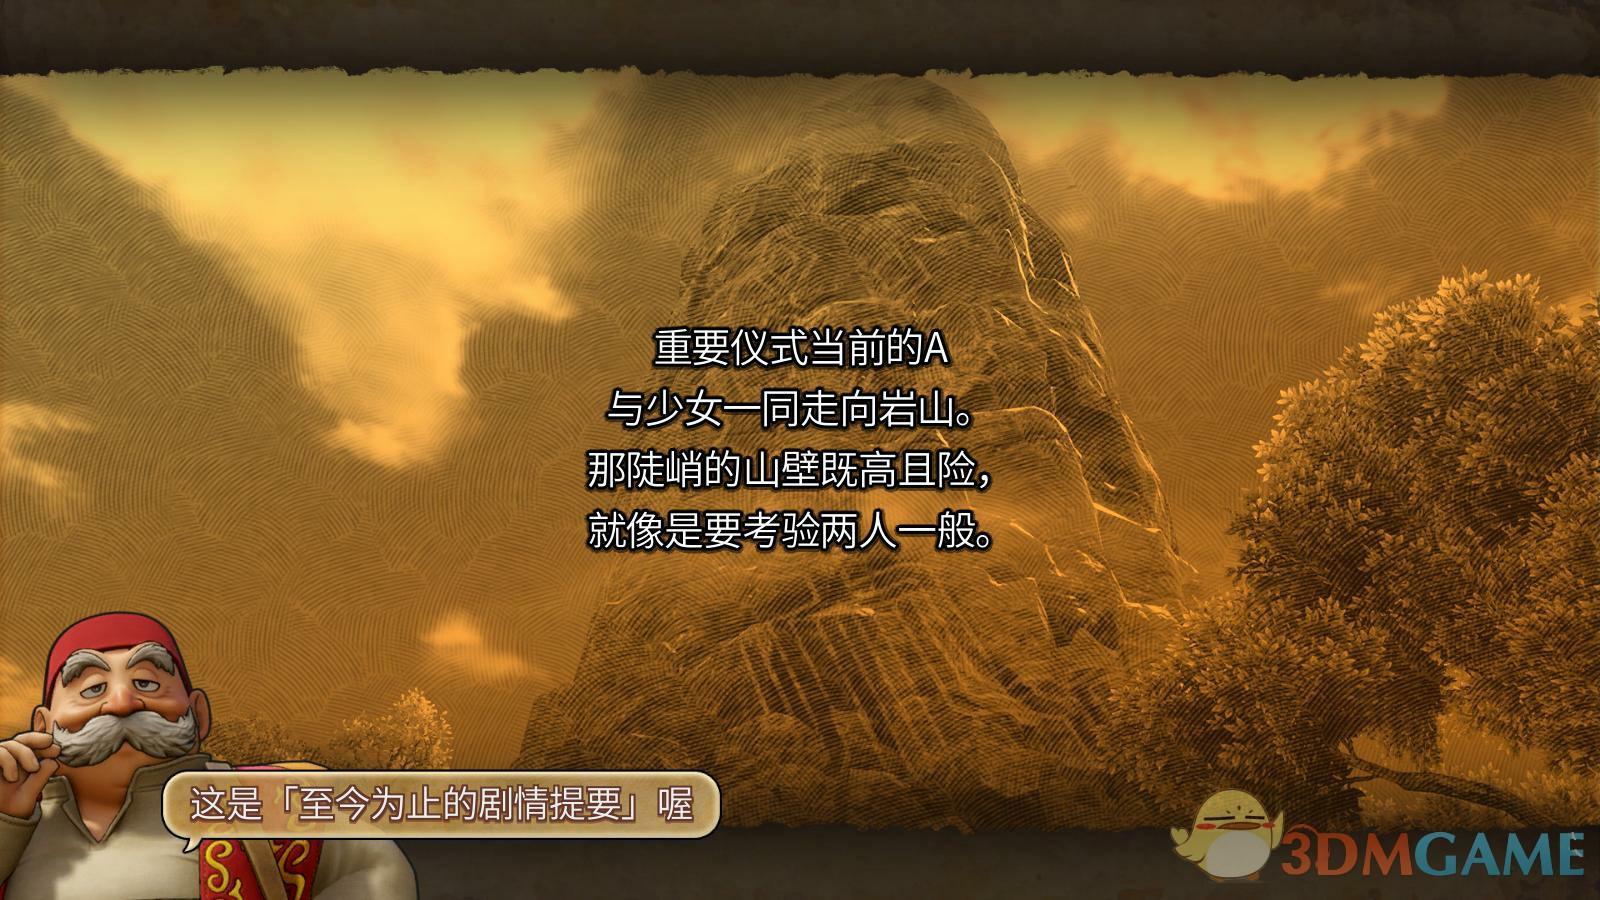 《勇者斗恶龙11:追寻逝去的时光》 3DM汉化组汉化补丁v3.5